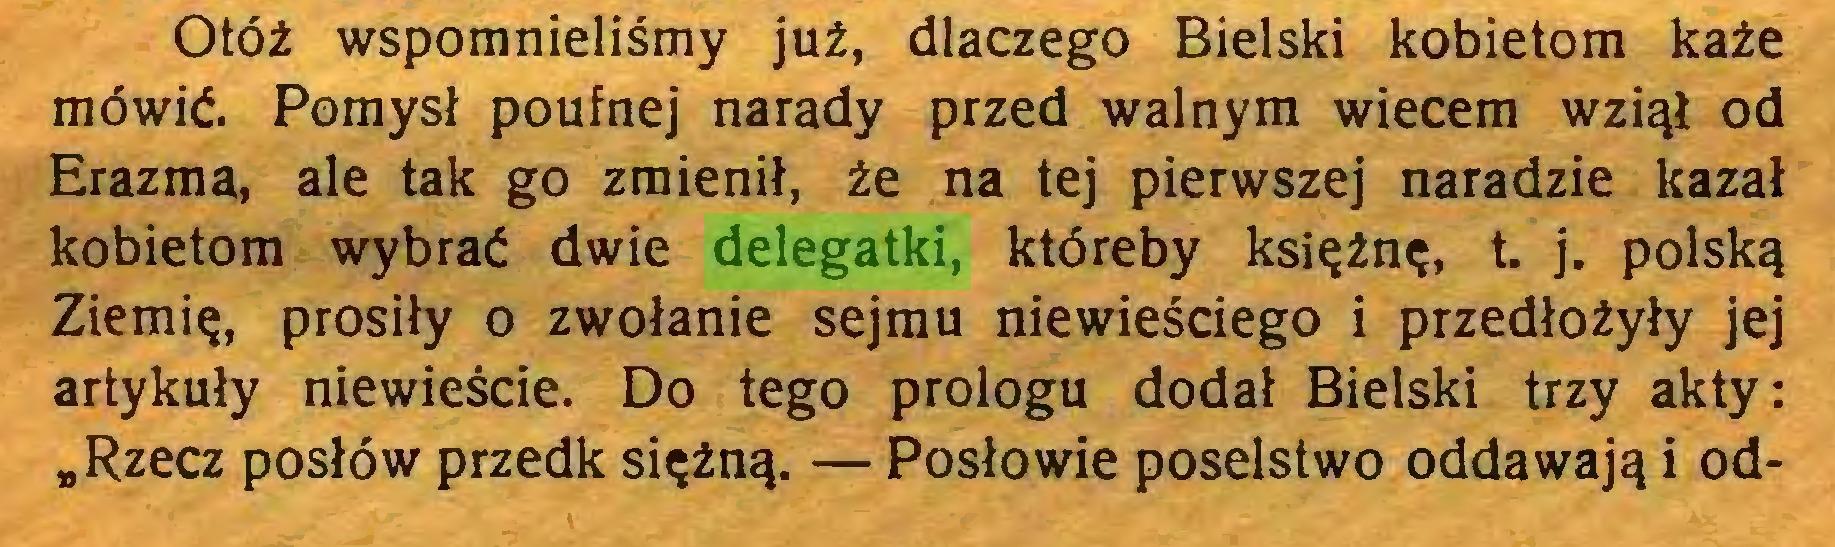 """(...) Otóż wspomnieliśmy już, dlaczego Bielski kobietom każe mówić. Pomysł poufnej narady przed walnym wiecem wziął od Erazma, ale tak go zmienił, że na tej pierwszej naradzie kazał kobietom wybrać dwie delegatki, któreby księżnę, t. j. polską Ziemię, prosiły o zwołanie sejmu niewieściego i przedłożyły jej artykuły niewieście. Do tego prologu dodał Bielski trzy akty: """"Rzecz posłów przedk siężną. — Posłowie poselstwo oddawają i od..."""